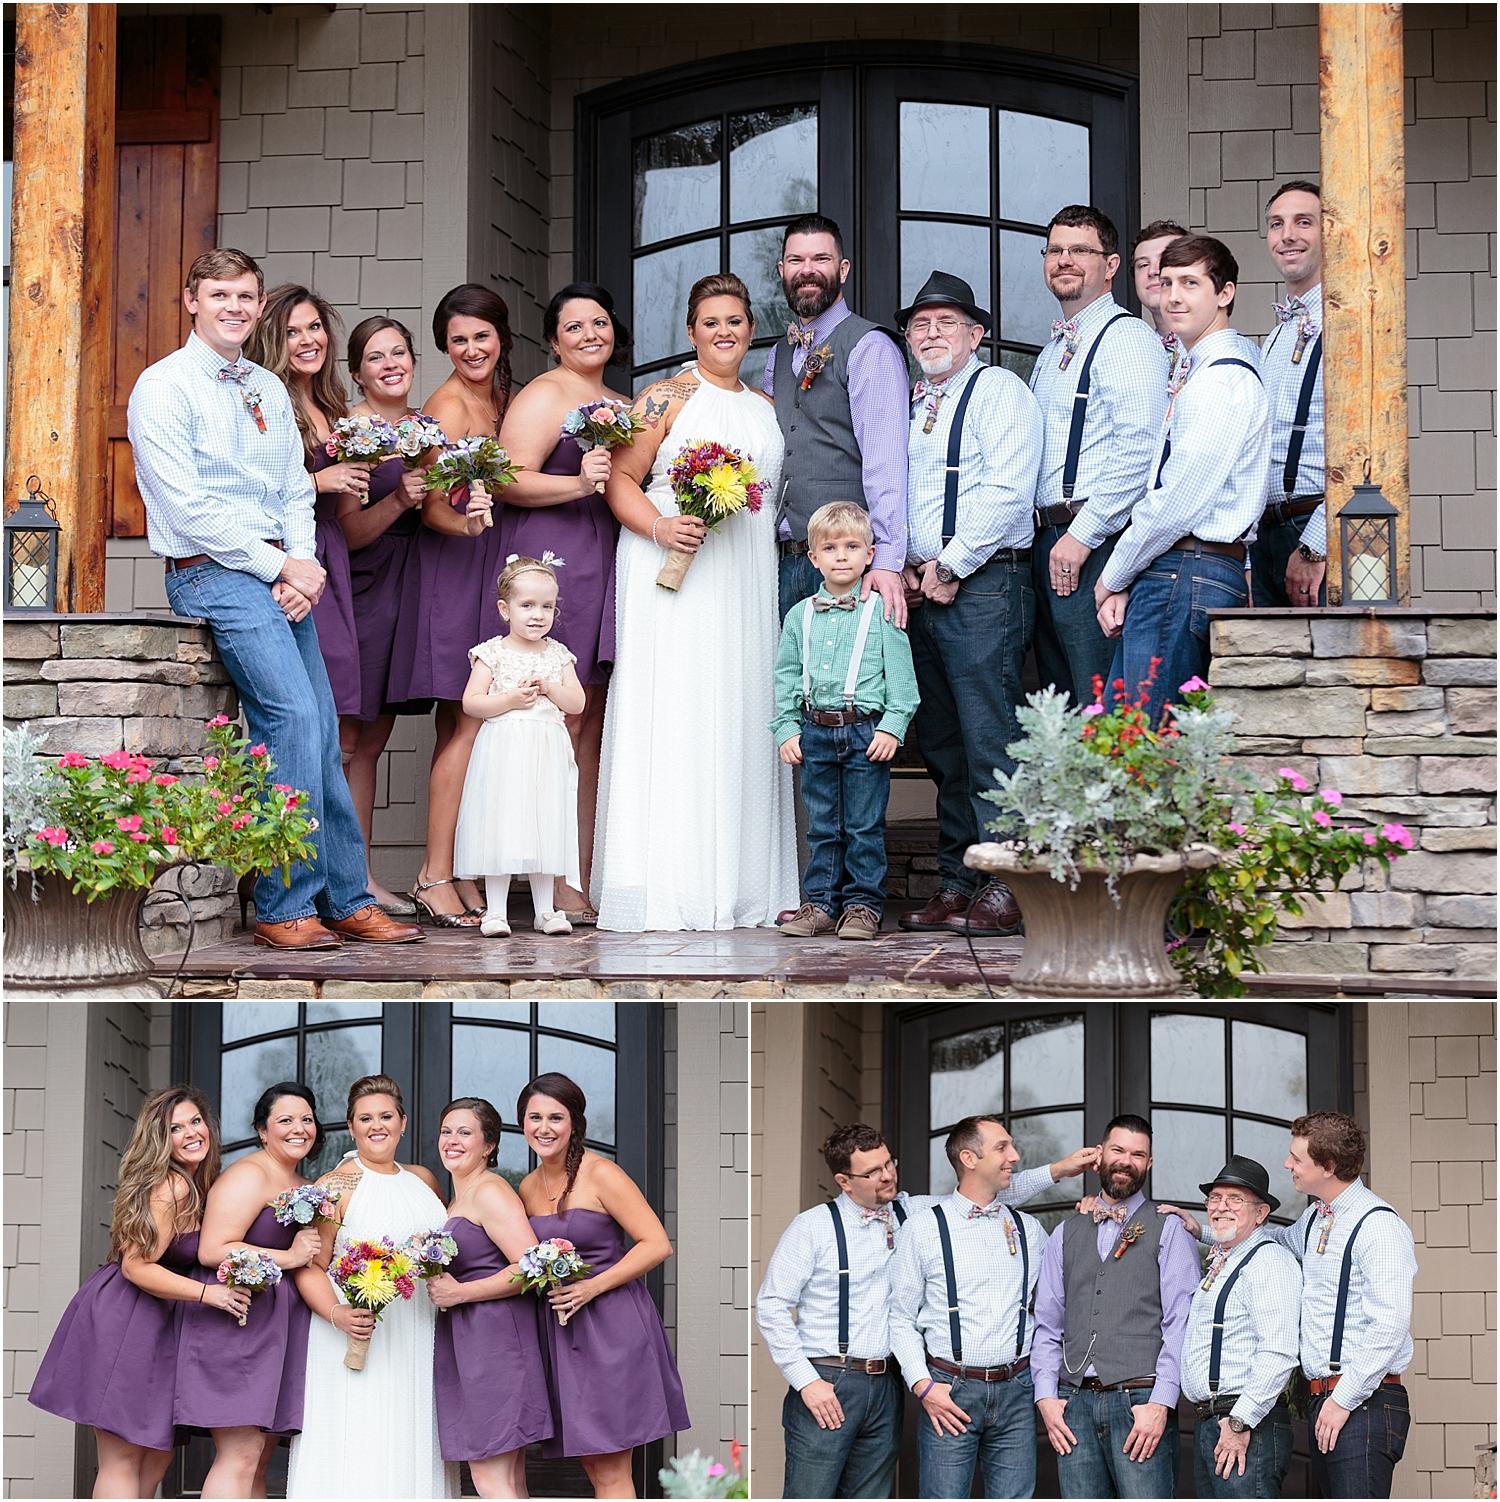 Bridal Party,bride,greenville wedding,groom,mountain wedding,outdoor wedding,paris mountain wedding,wedding,wedding photography,